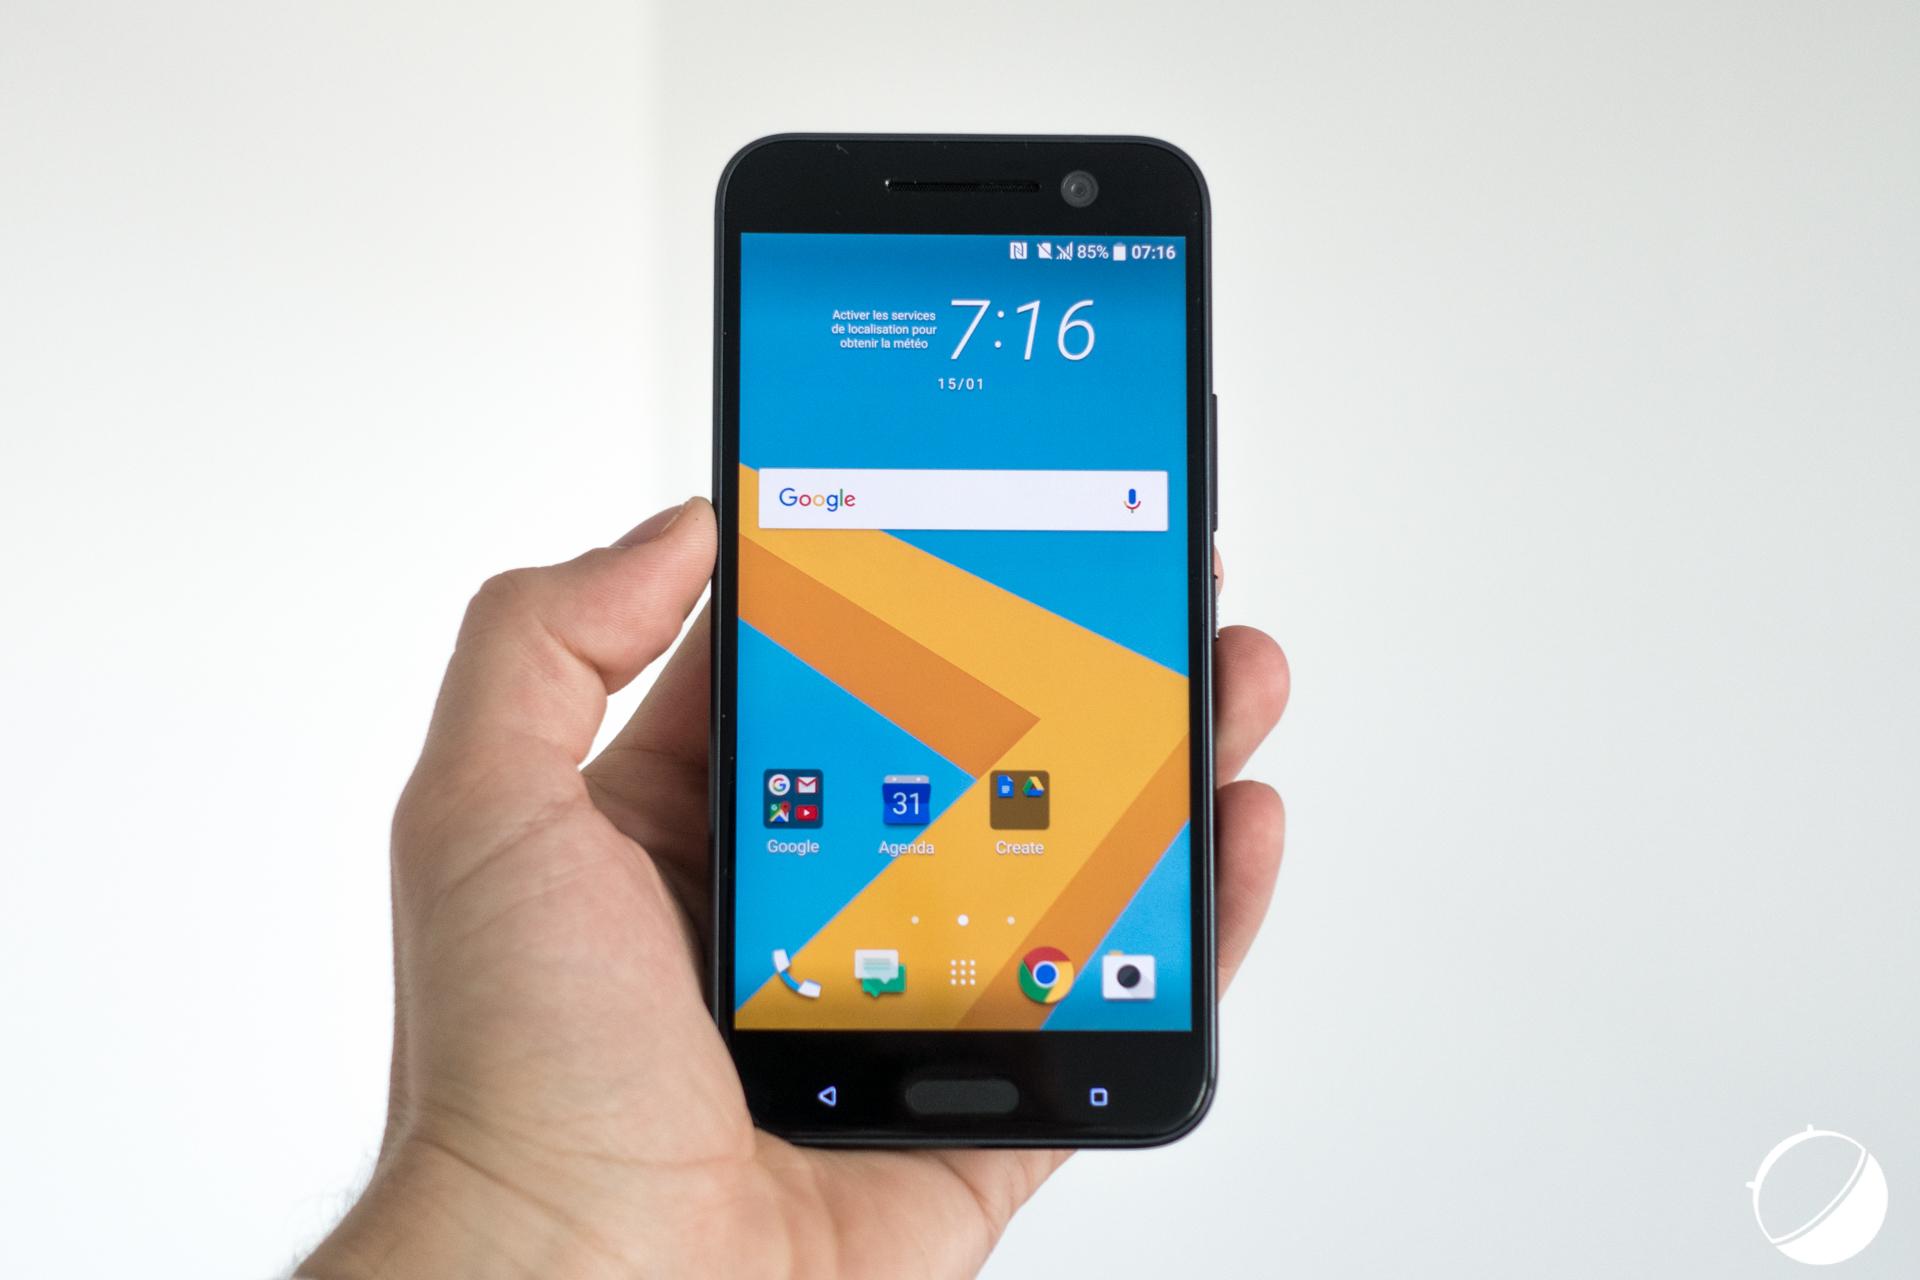 Le HTC 10 est compatible avec Apple AirPlay